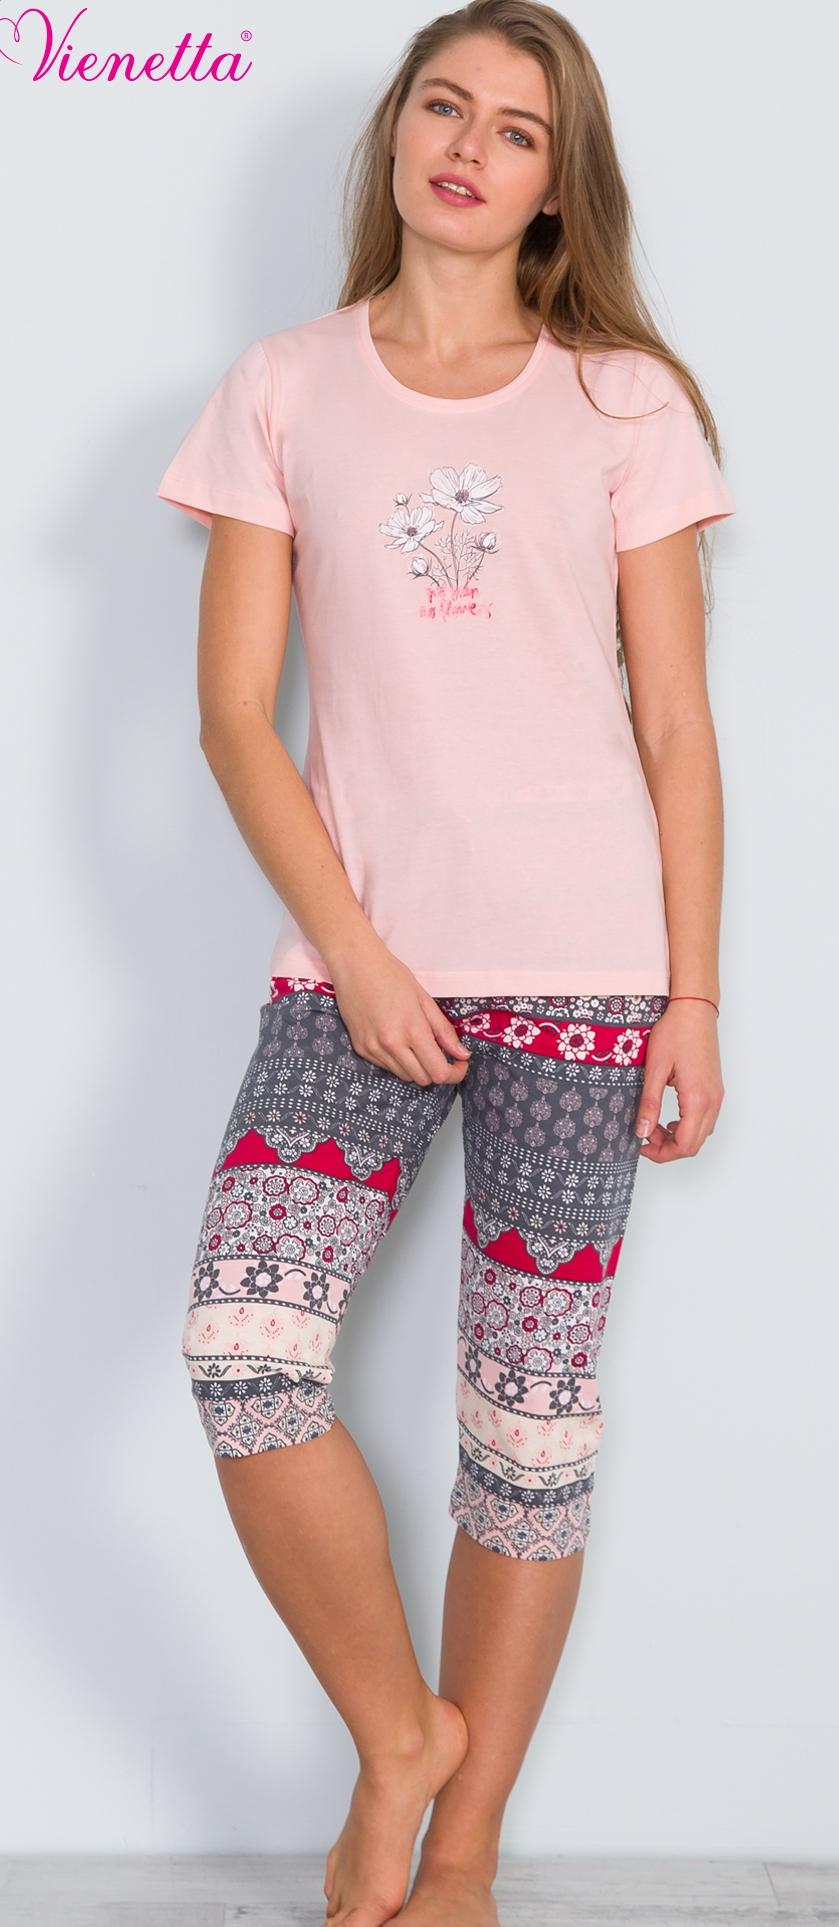 Комплект домашний женский Vienettas Secret: футболка, капри, цвет: светло-розовый, серый. 609041 4438. Размер L (48)609041 4438Женский домашний комплект Vienettas Secret включает футболку и капри. Комплект выполнен из 100% натурального хлопка. Футболка имеет круглый вырез горловины и короткие стандартные рукава. Обтягивающие капри снабжены резинкой на талии. Футболка выполнена в однотонном дизайне и украшена изображением ромашки, а капри дополнены узорами.